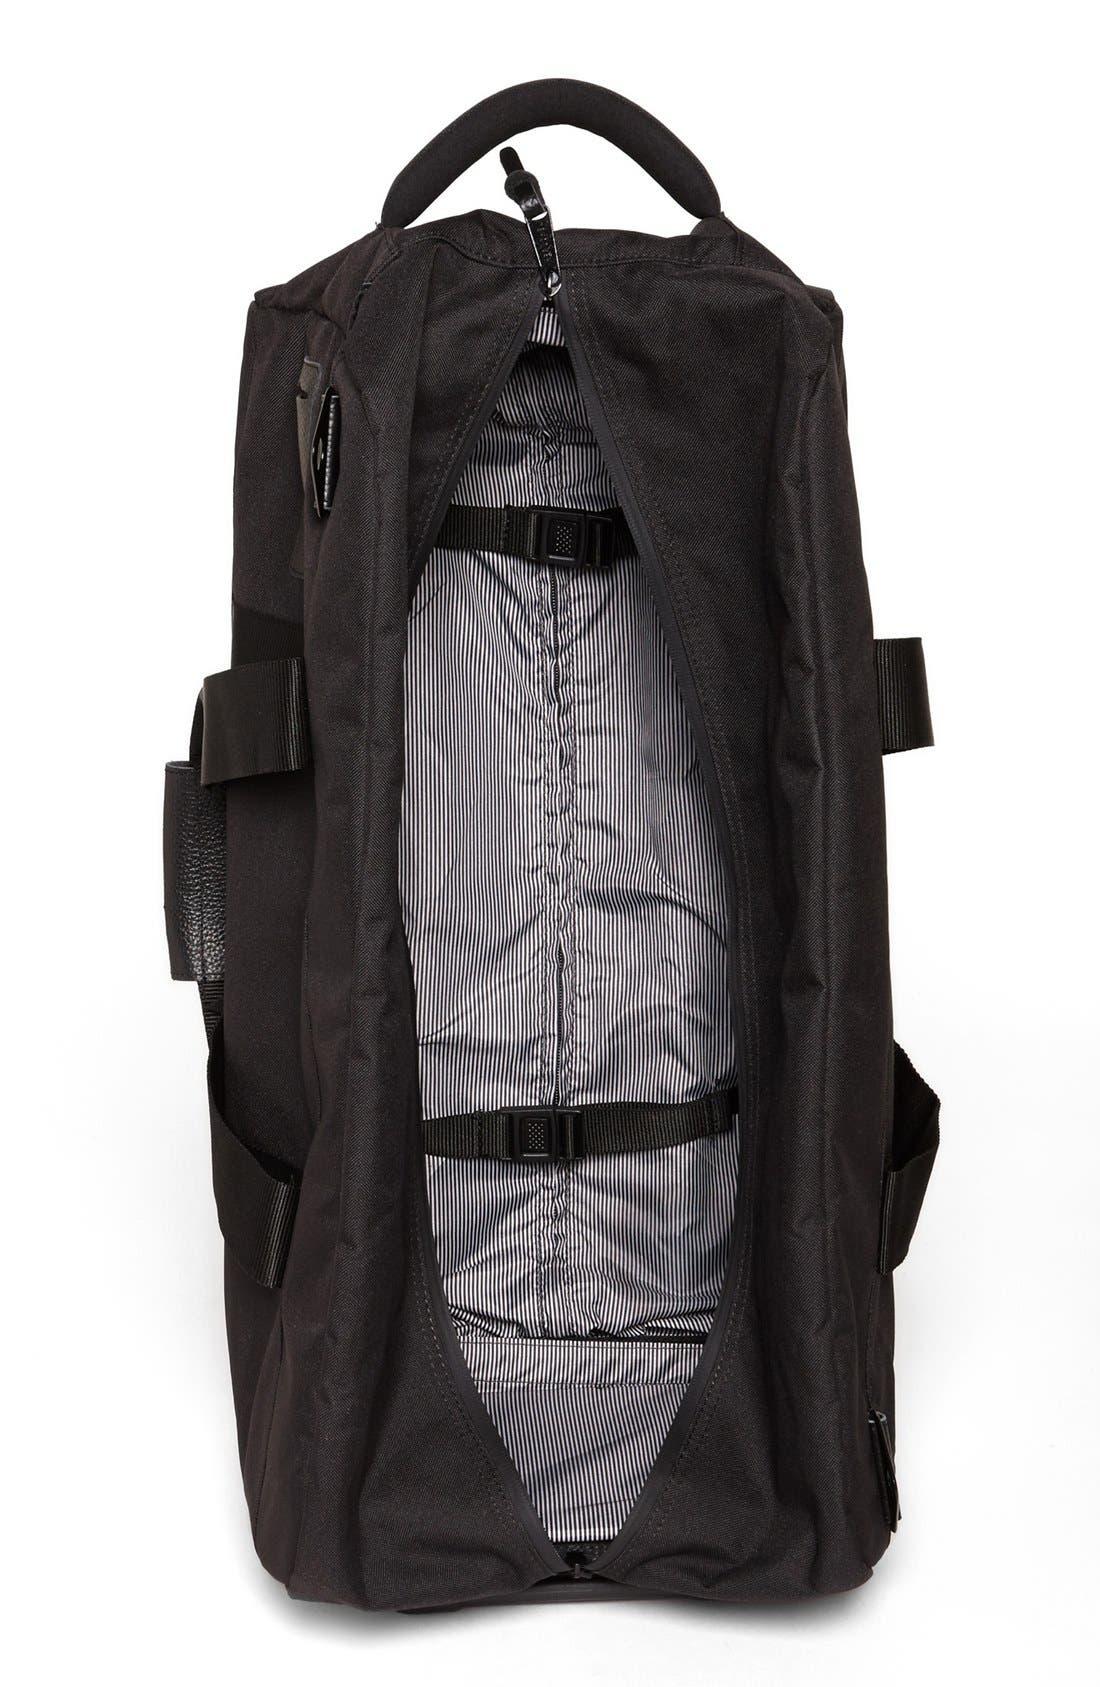 Alternate Image 3  - Herschel Supply Co. 'Wheelie Outfitter' Travel Bag (24 Inch)